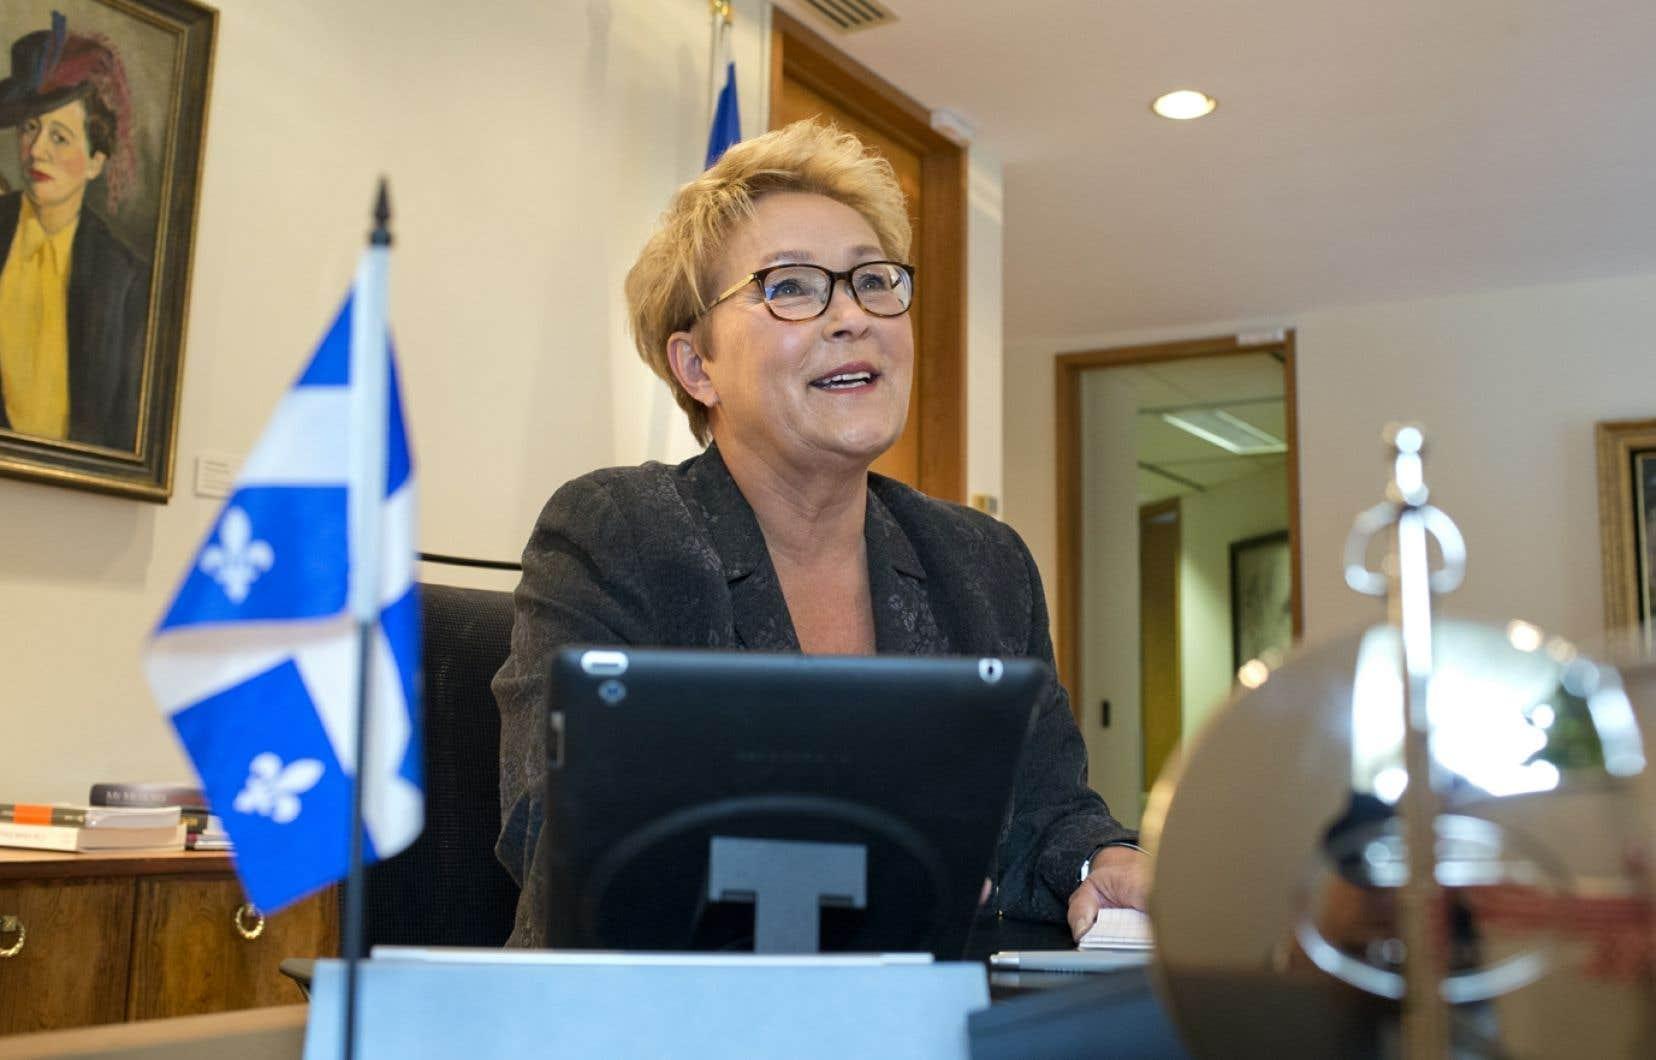 La première ministre du Québec, Pauline Marois, a accueilli le photographe du Devoir à son bureau de Montréal mardi.